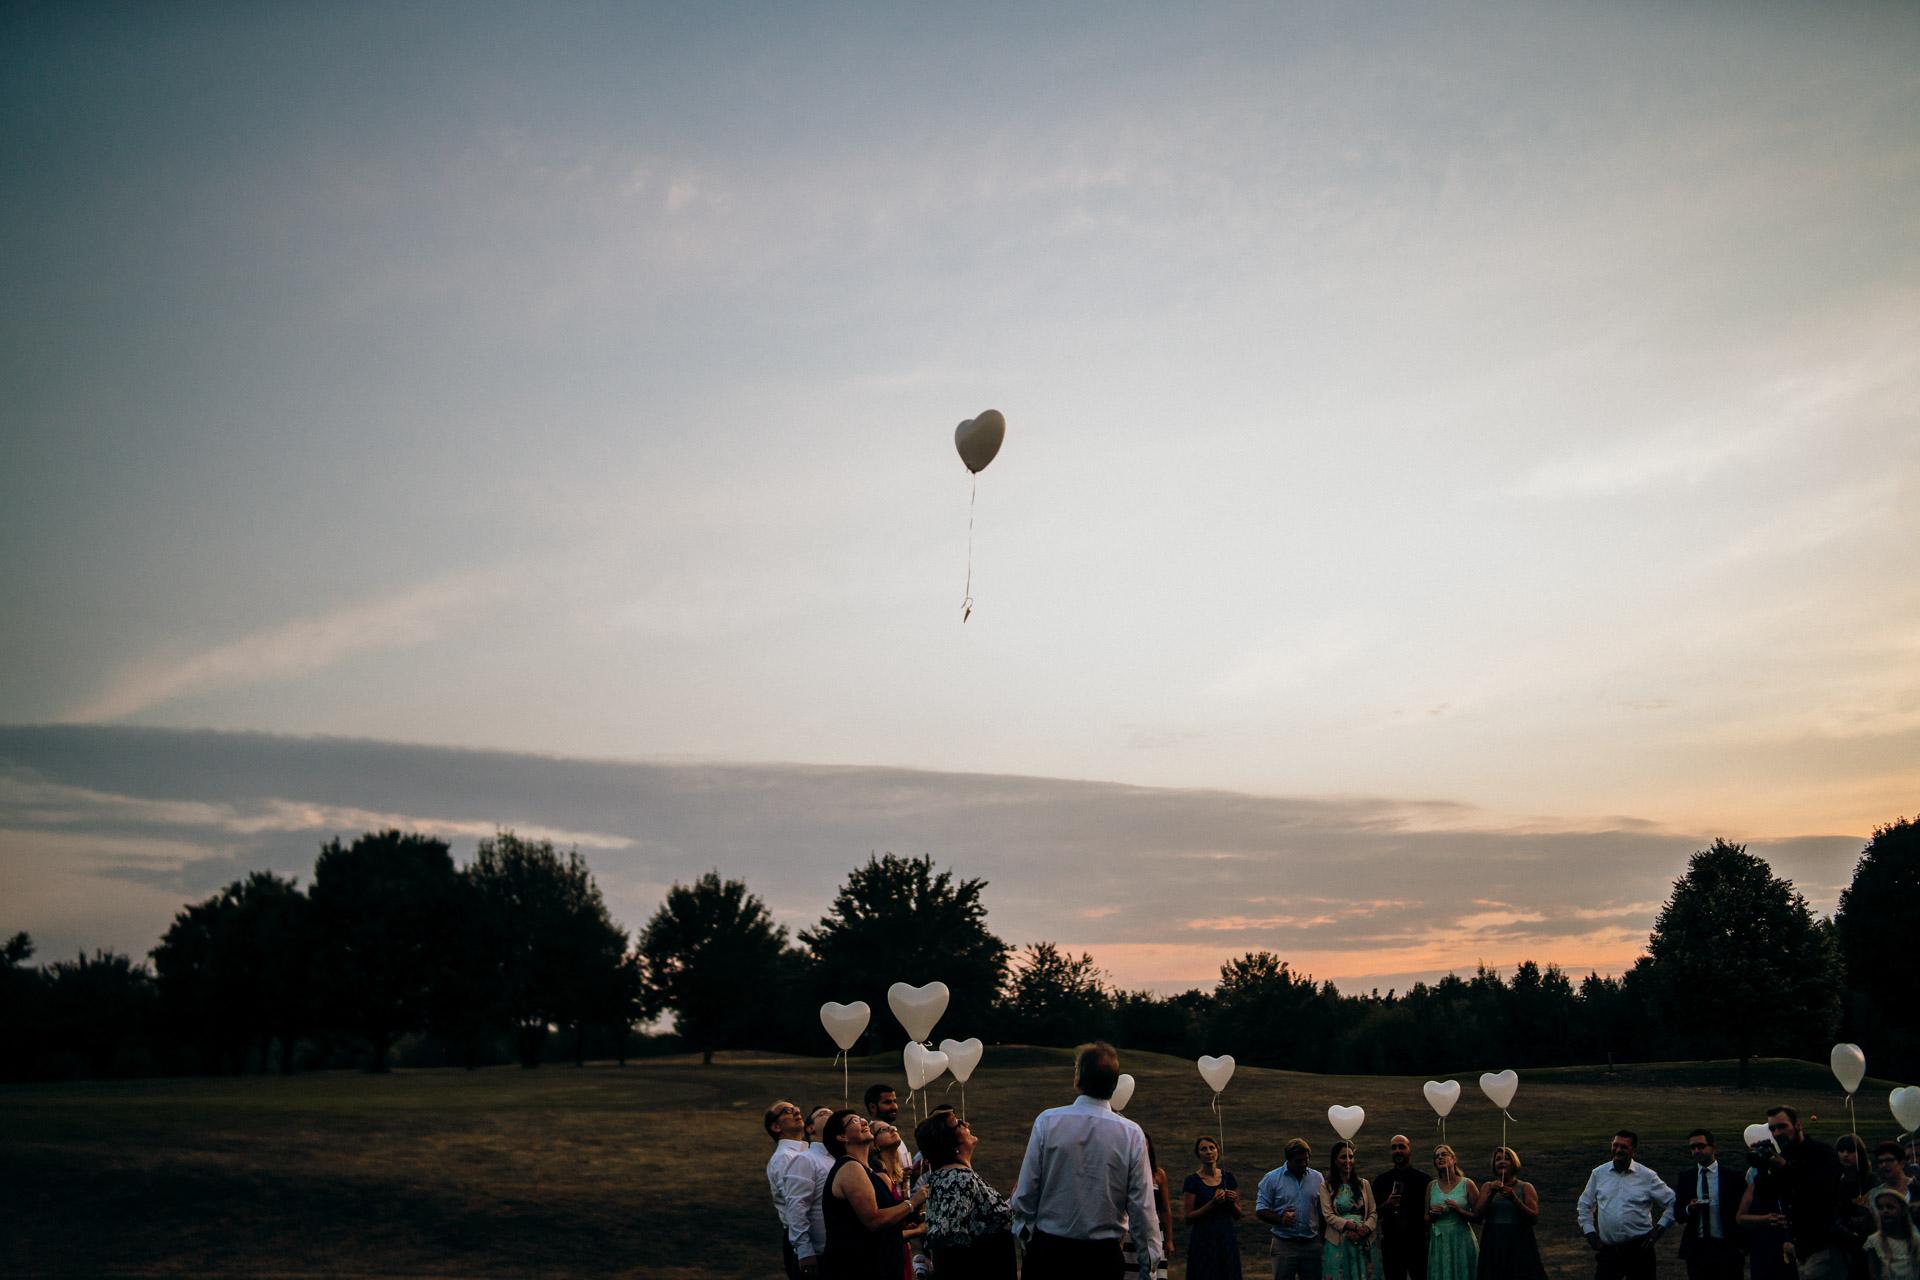 Luftballon Golfplatz Lich Gießen